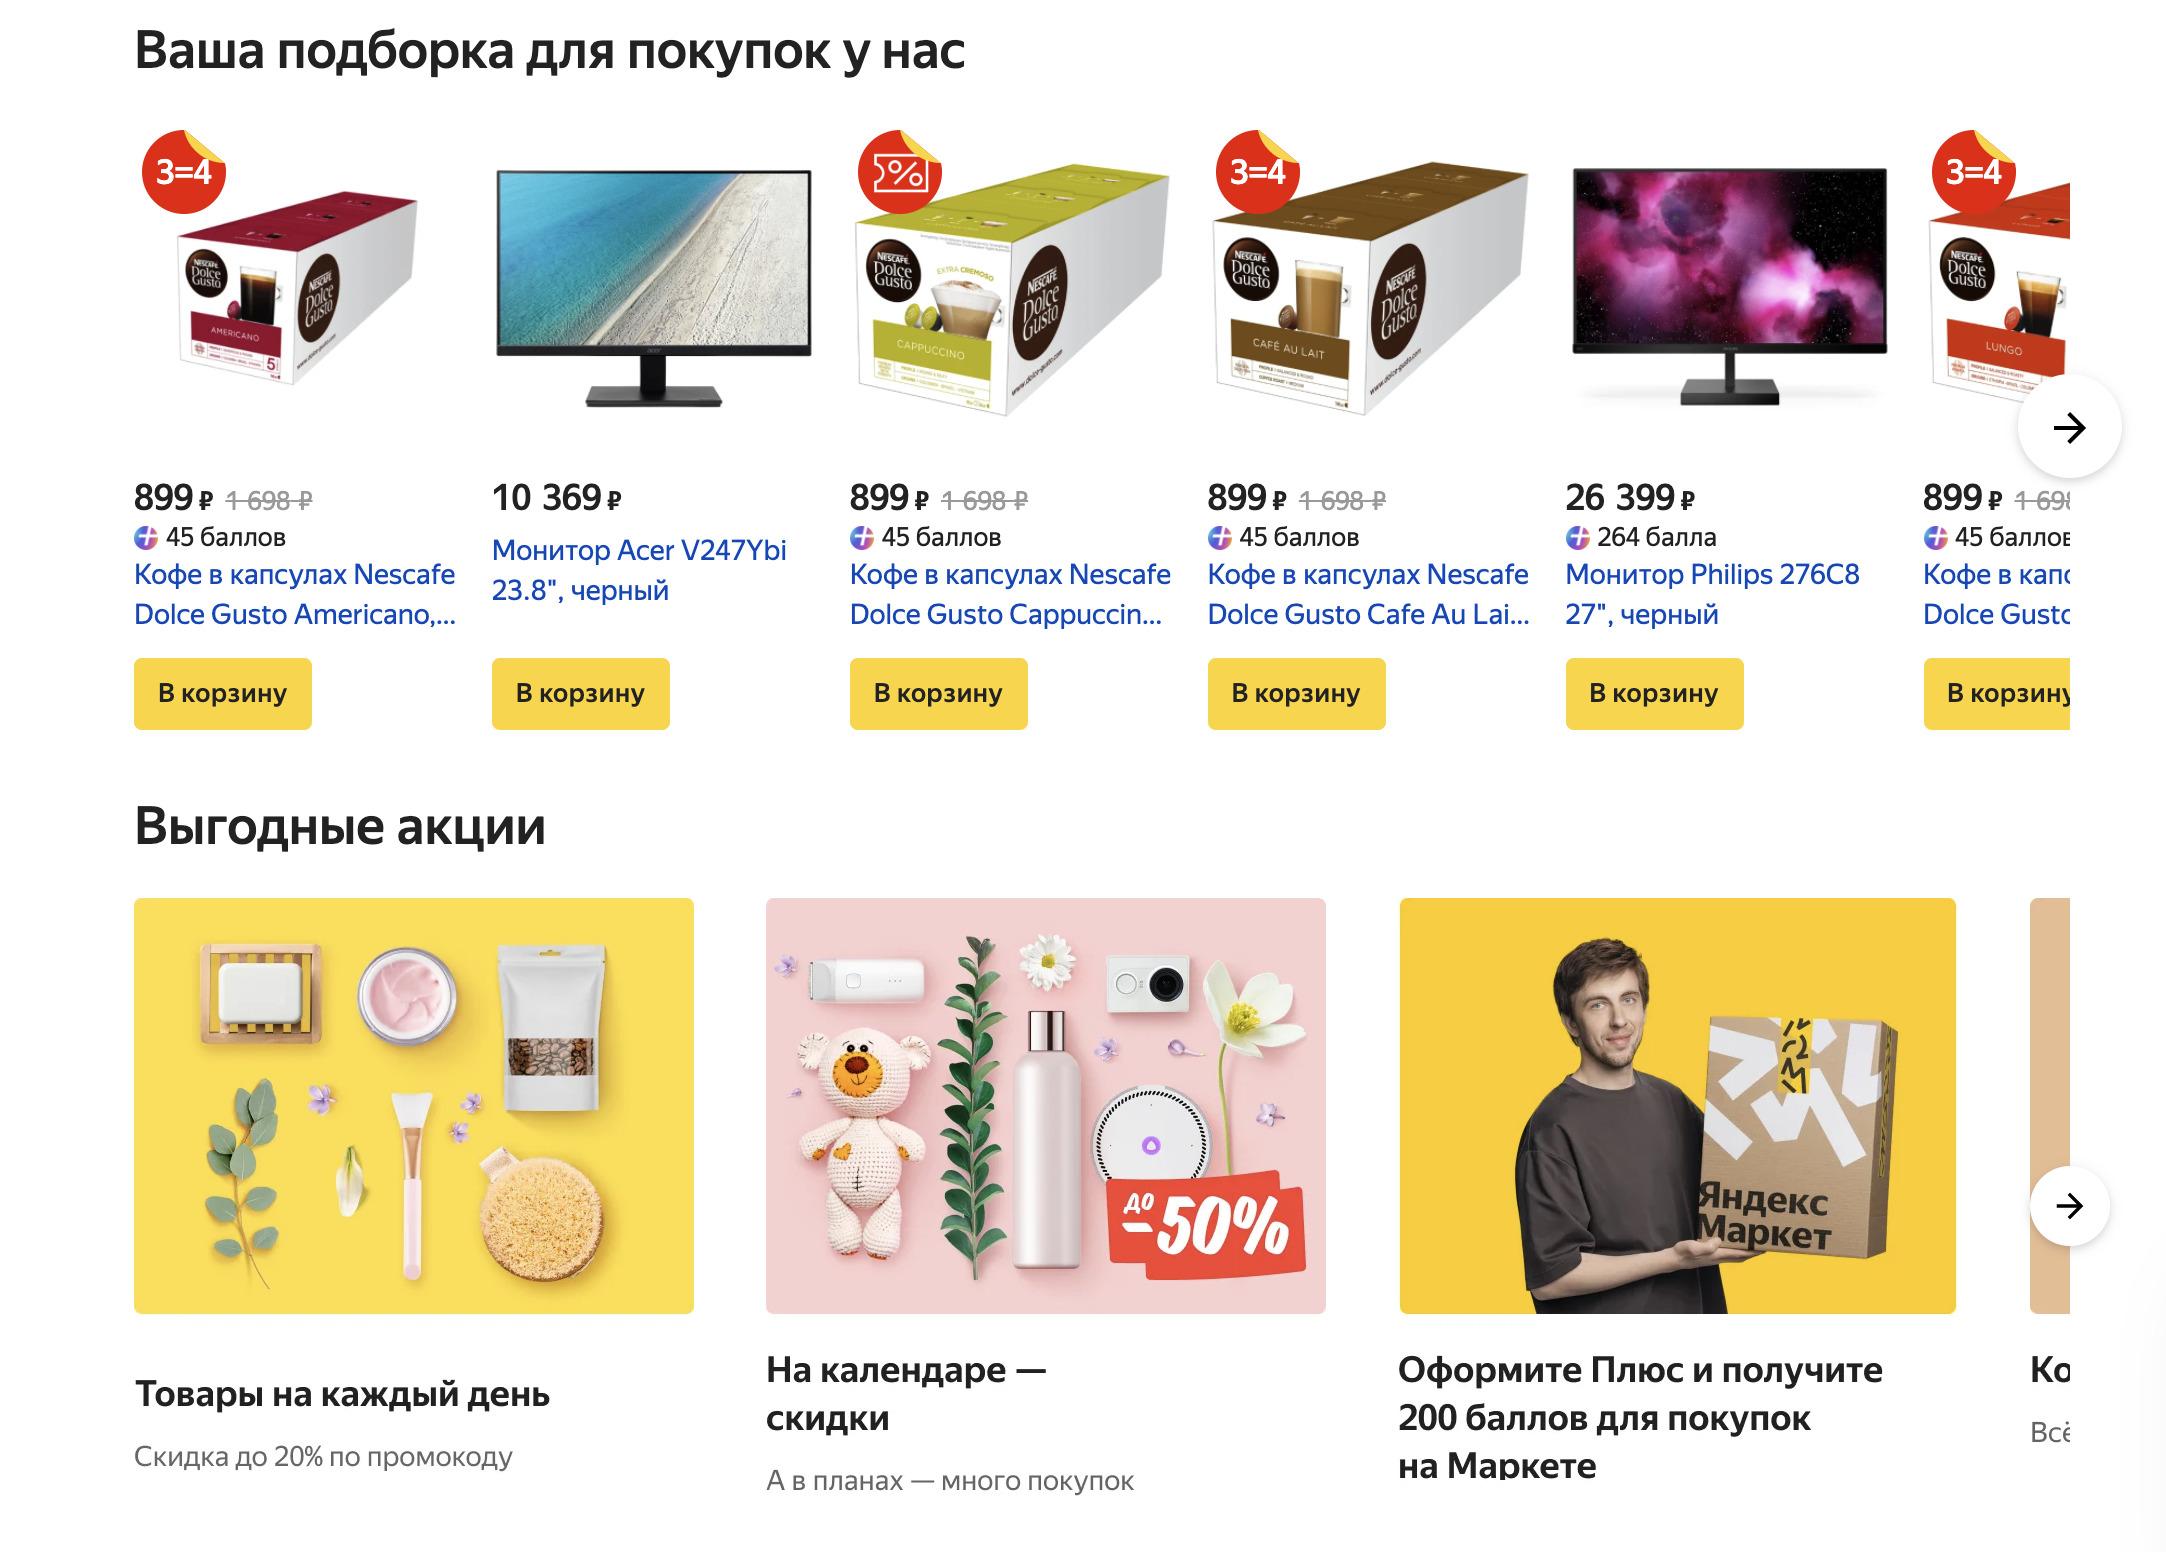 Доставка из Яндекс.Маркет в Бийск, сроки, пункты выдачи, каталог